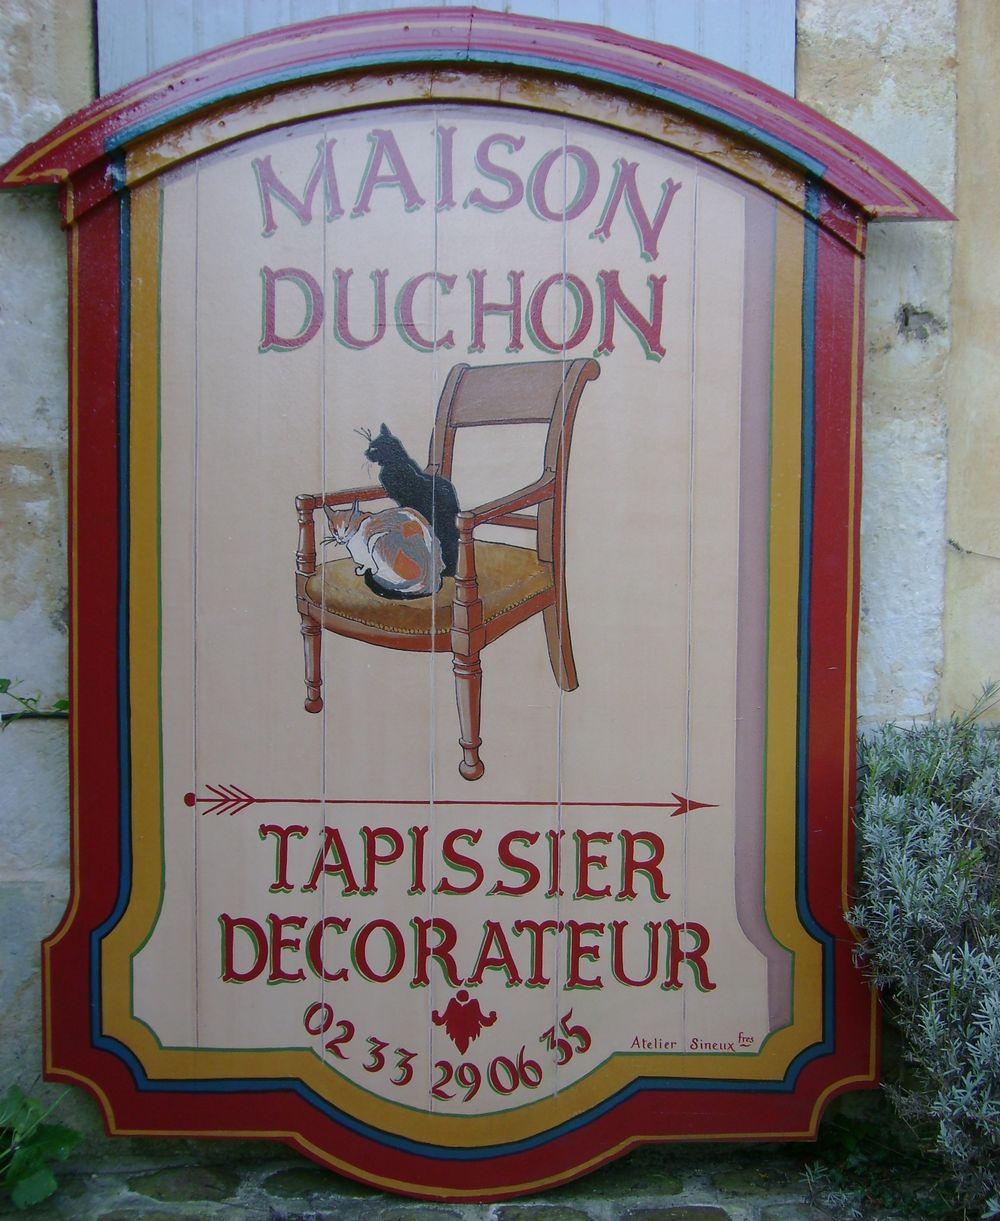 Enseigne-peint-Tapissier-Décorateur-Duchon_atelier_sineux